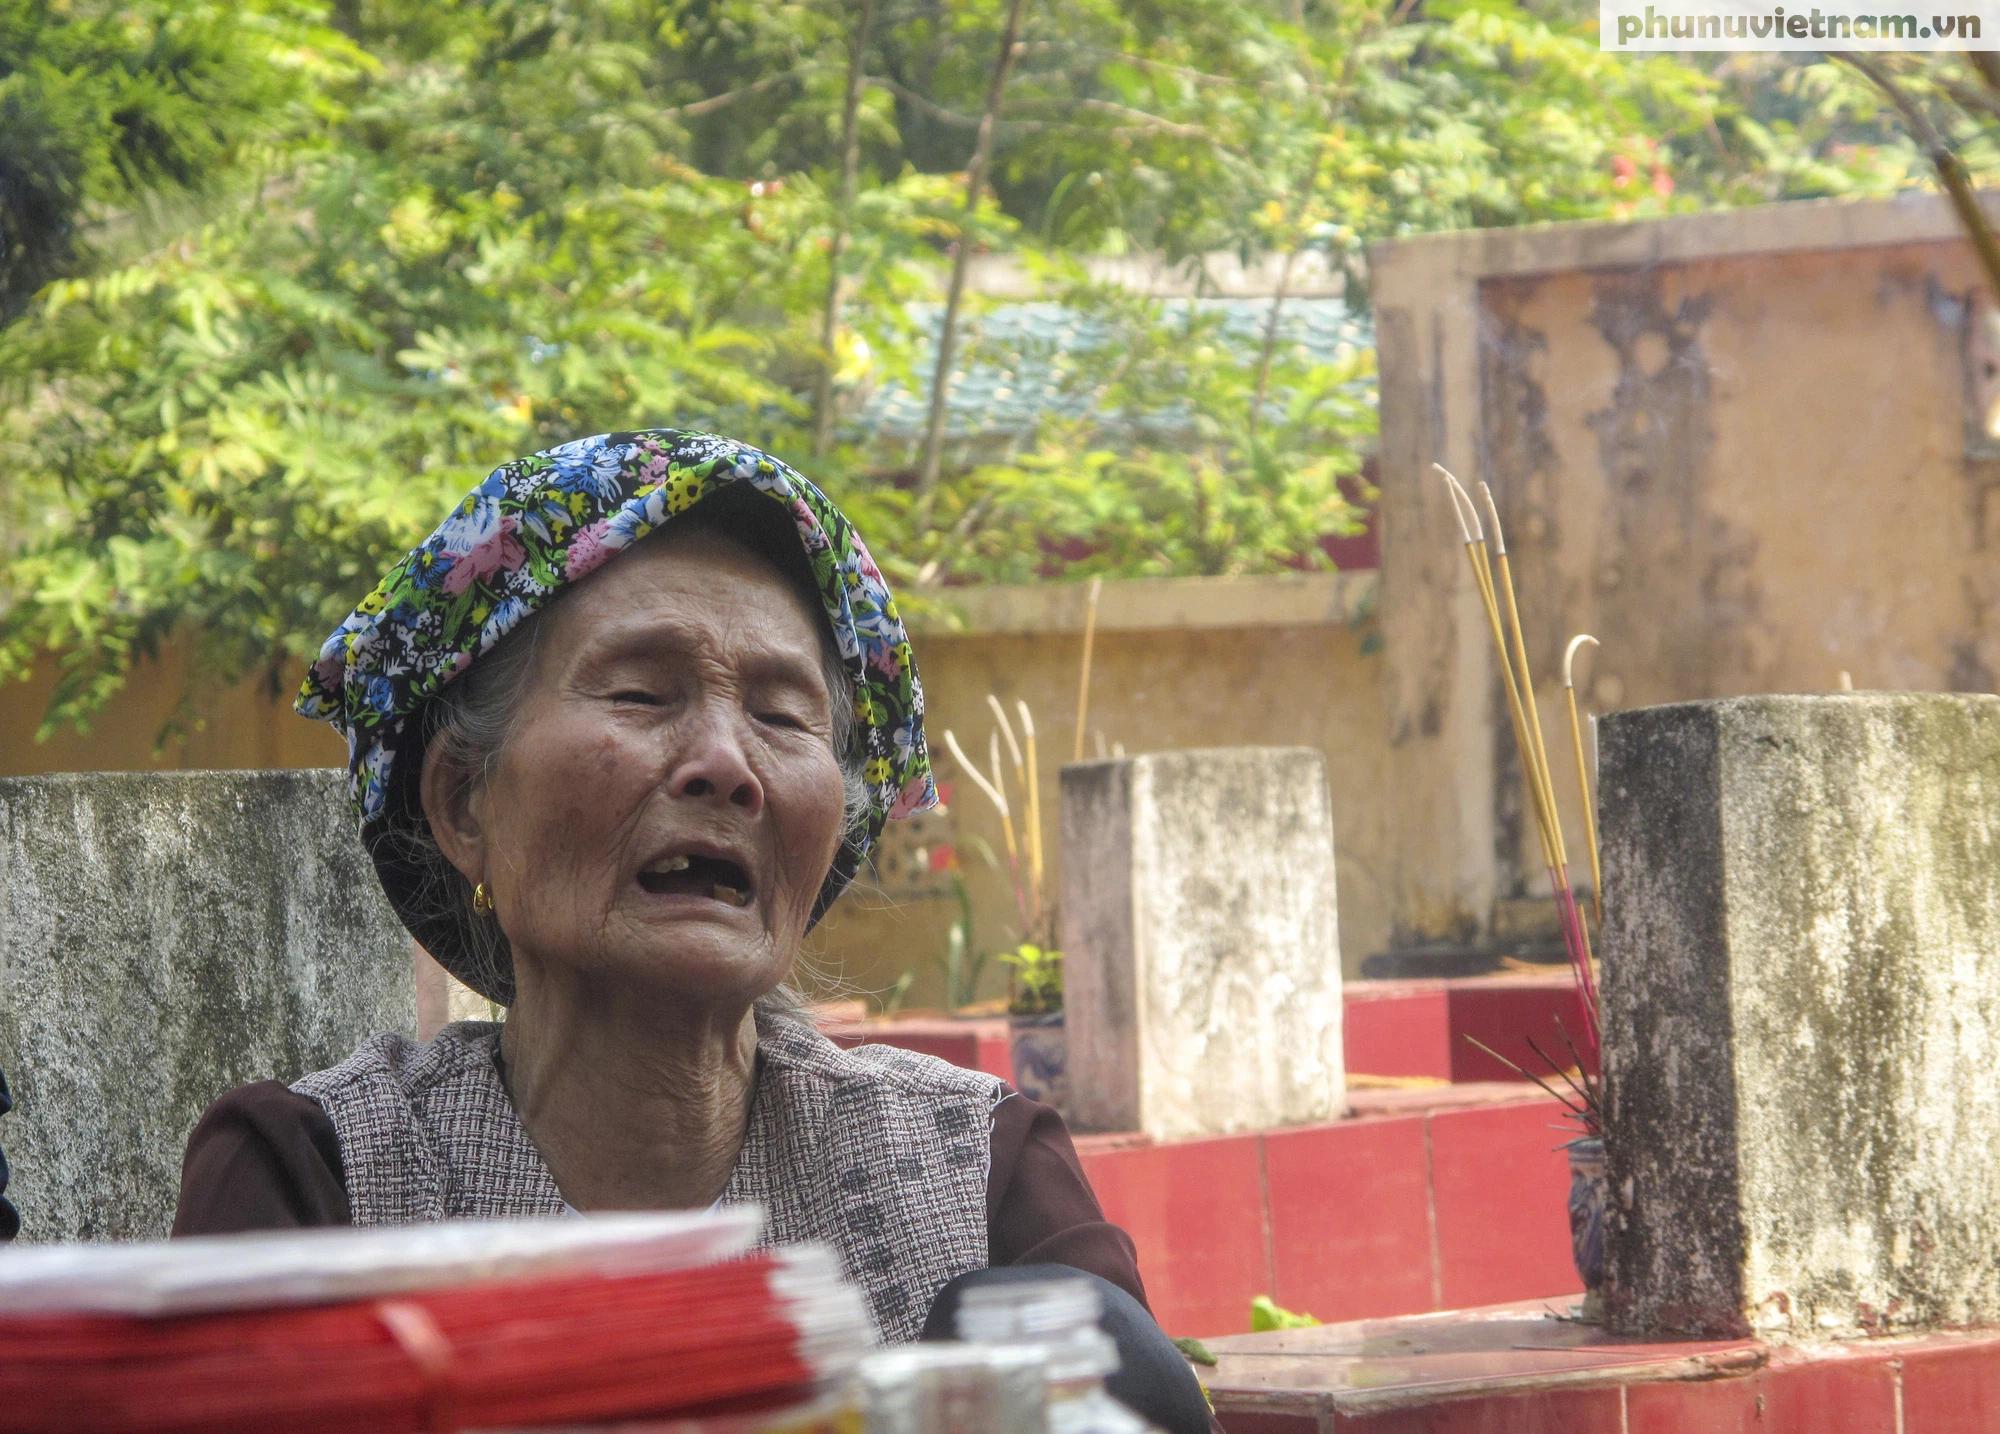 [Ảnh] Vượt hơn 300 cây số, chị gái 85 tuổi lên thăm mộ em là liệt sỹ tại Sơn La - Ảnh 12.